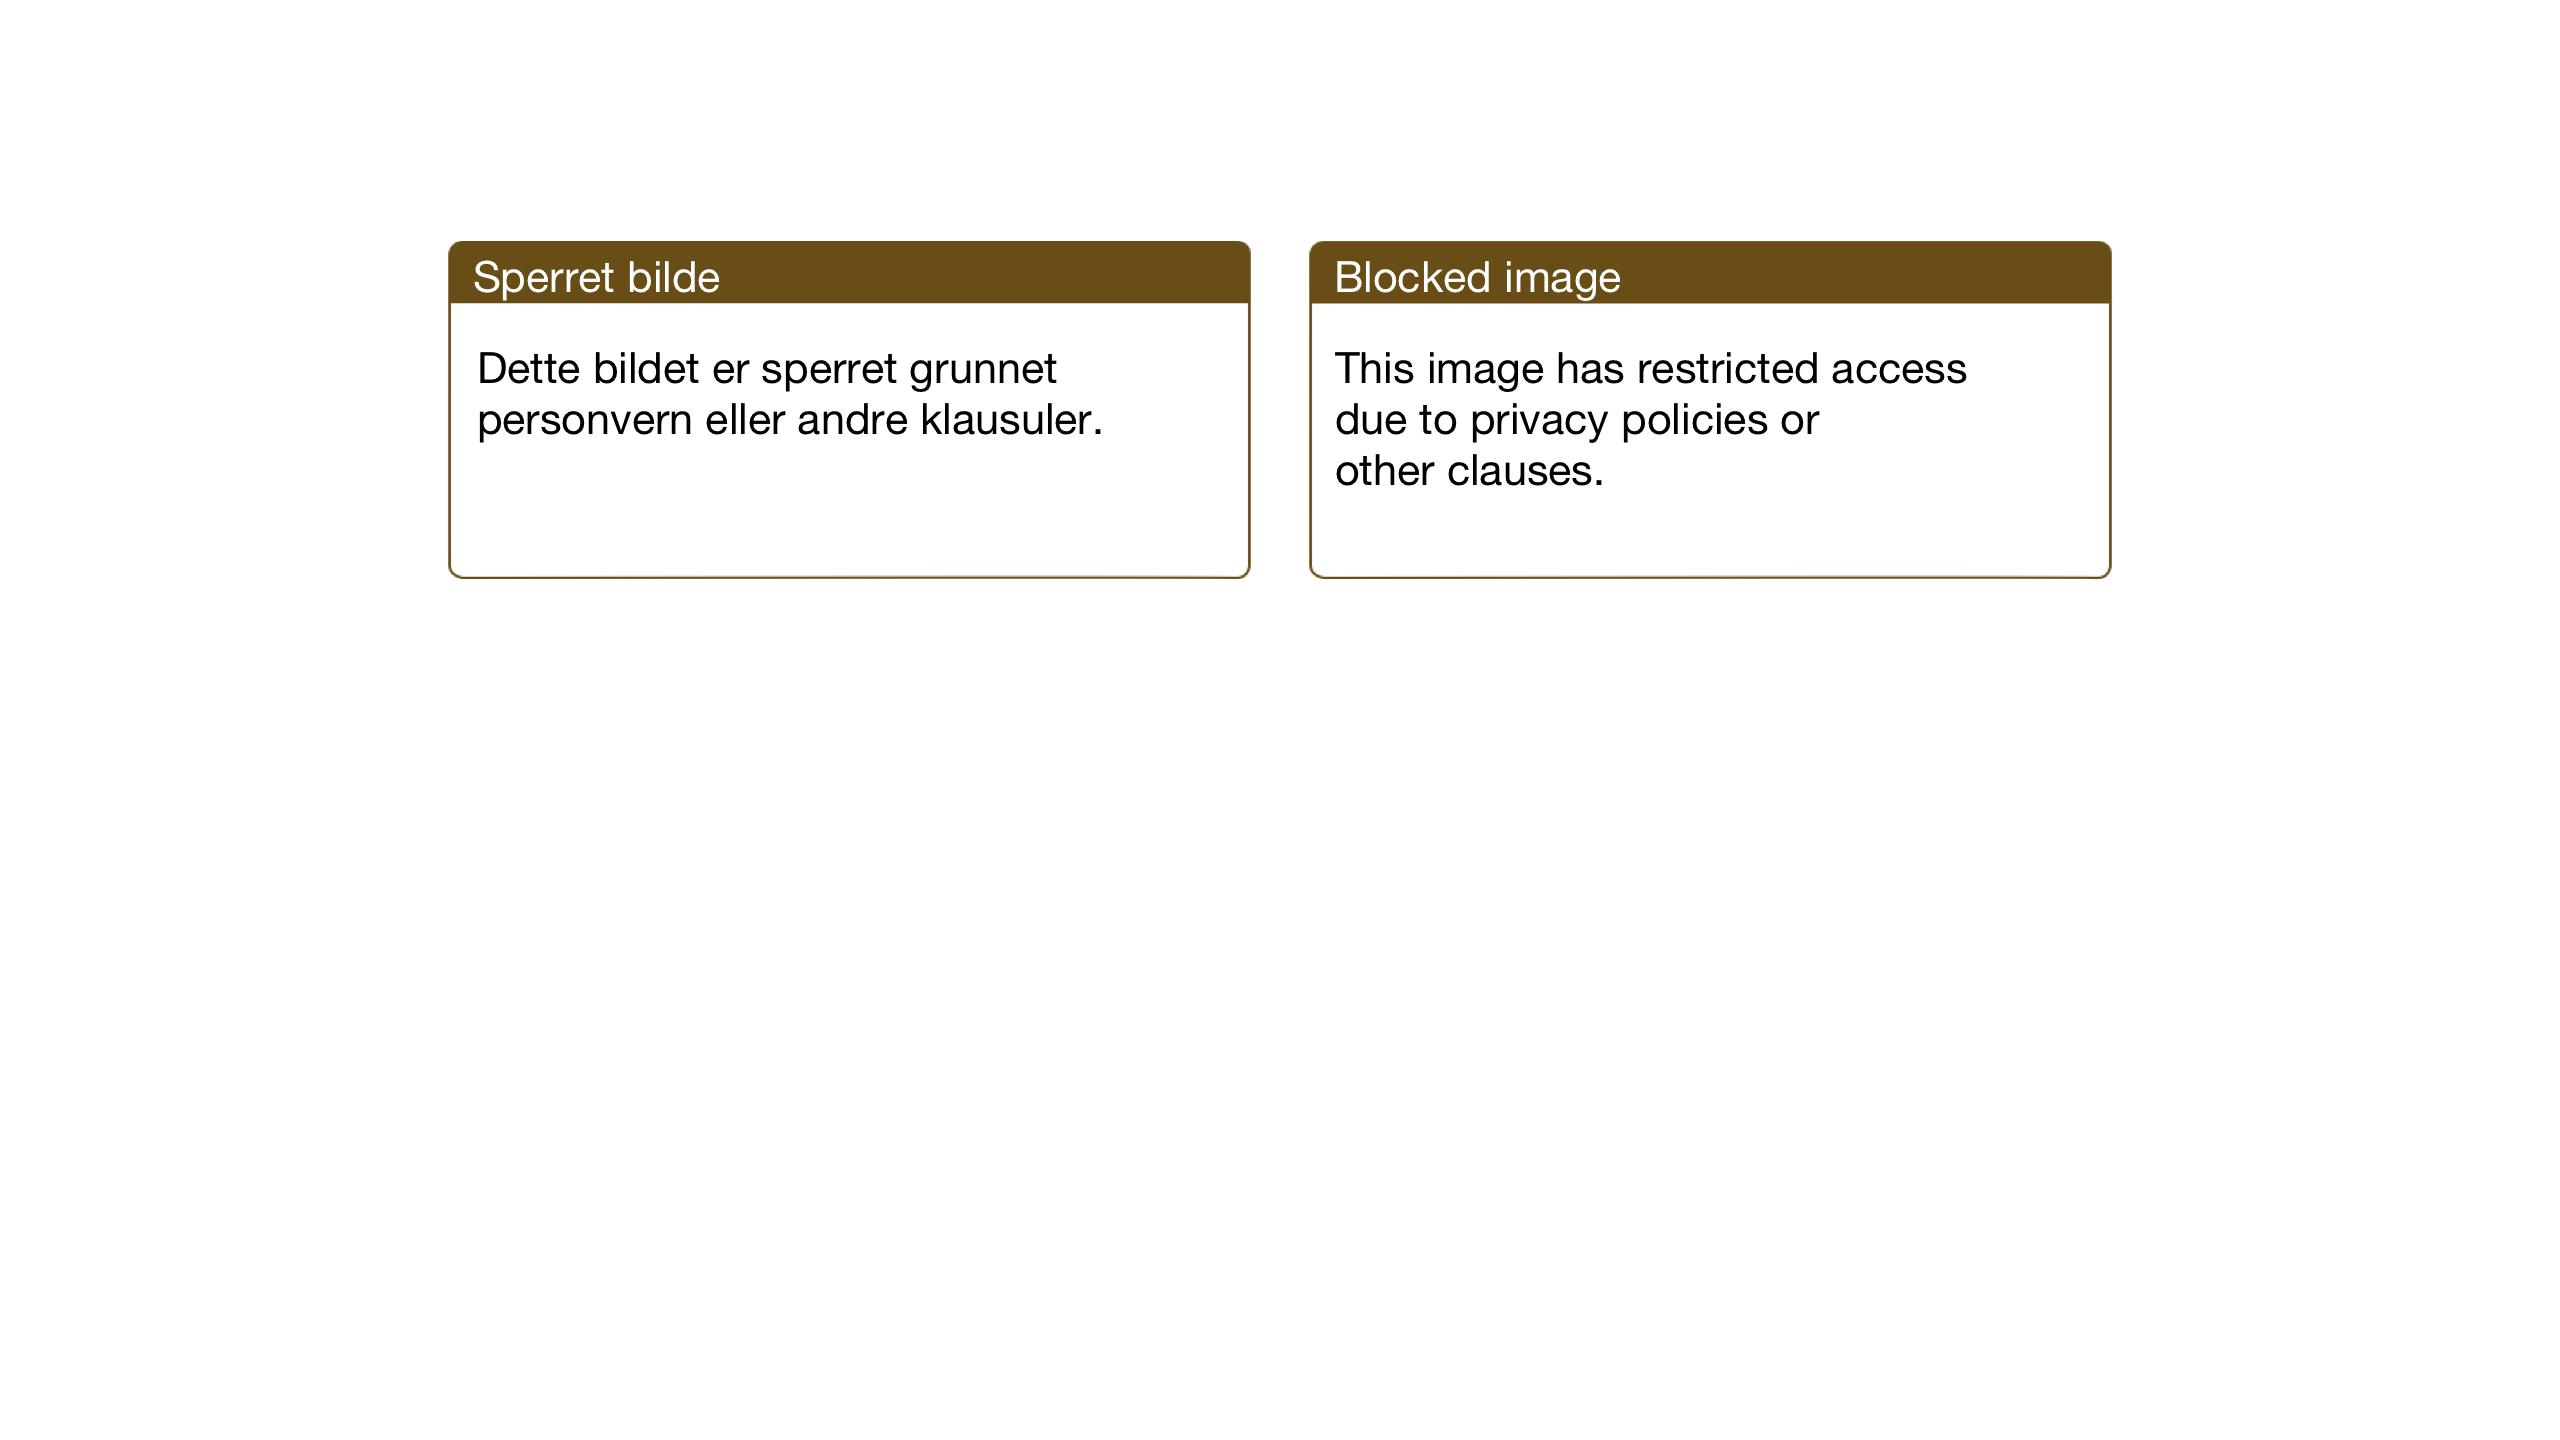 SAT, Ministerialprotokoller, klokkerbøker og fødselsregistre - Sør-Trøndelag, 638/L0569: Klokkerbok nr. 638C01, 1923-1961, s. 90